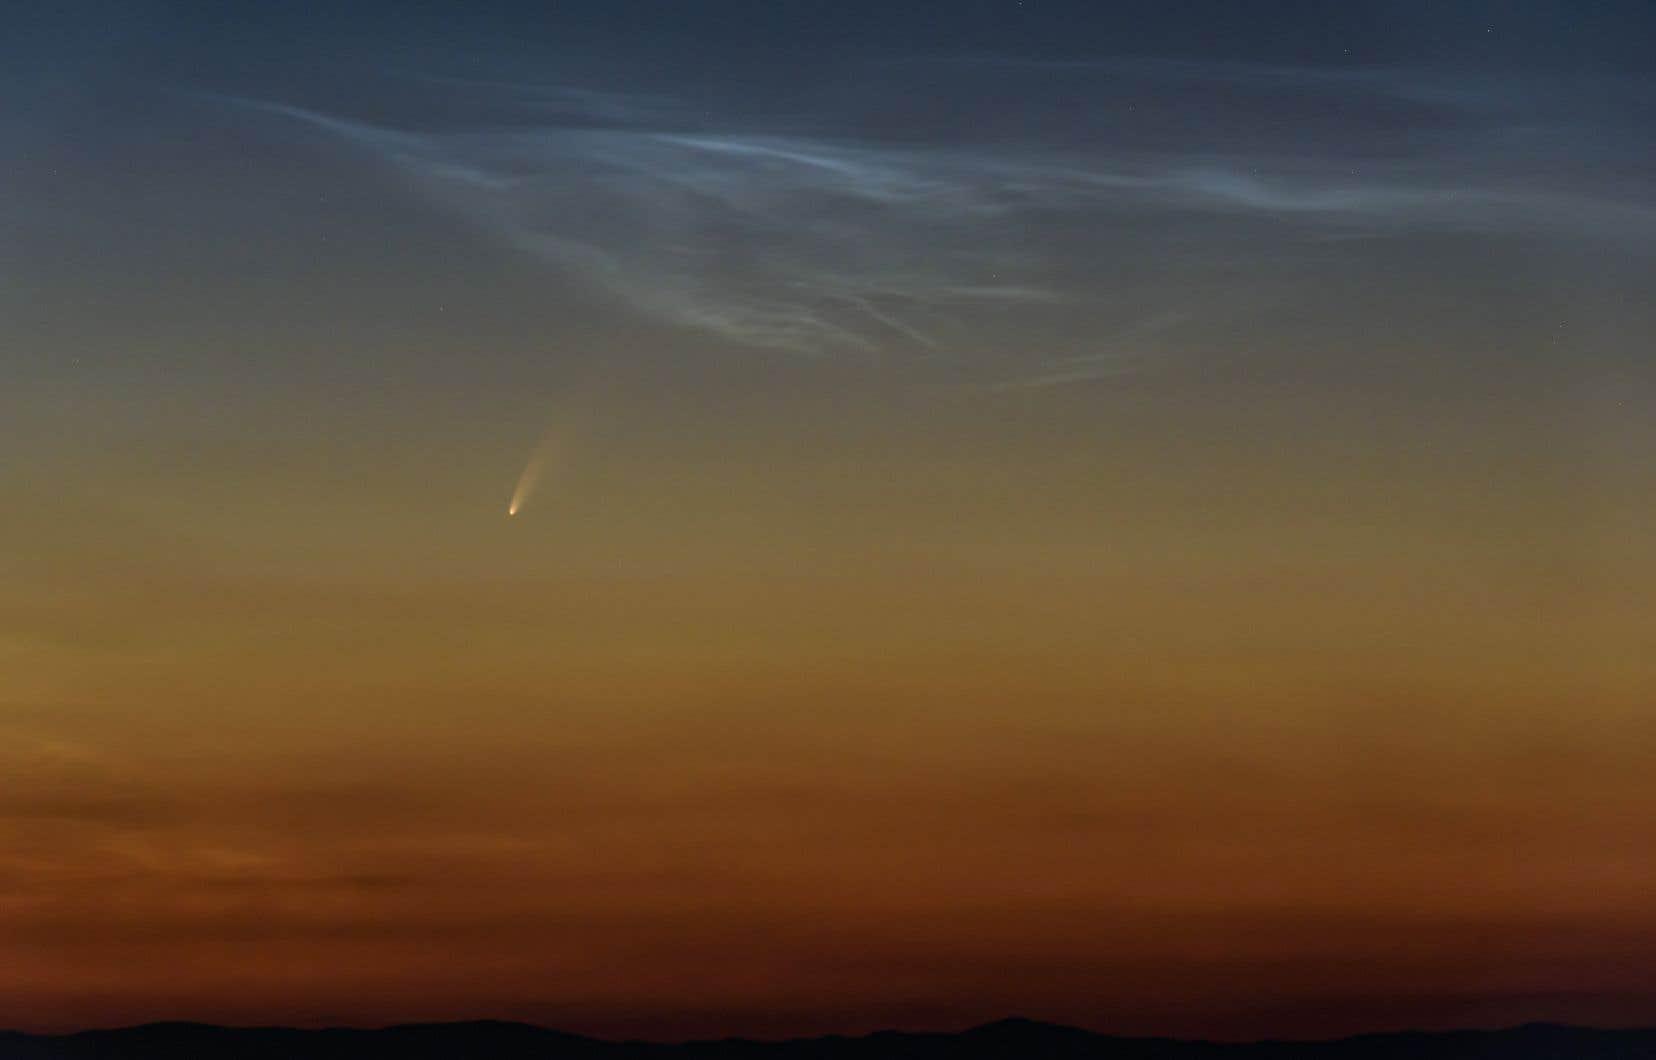 <p>À l'œil nu, le corps céleste apparaît comme une étoile un peu floue, environ cinq degrés au-dessus de l'horizon.</p>